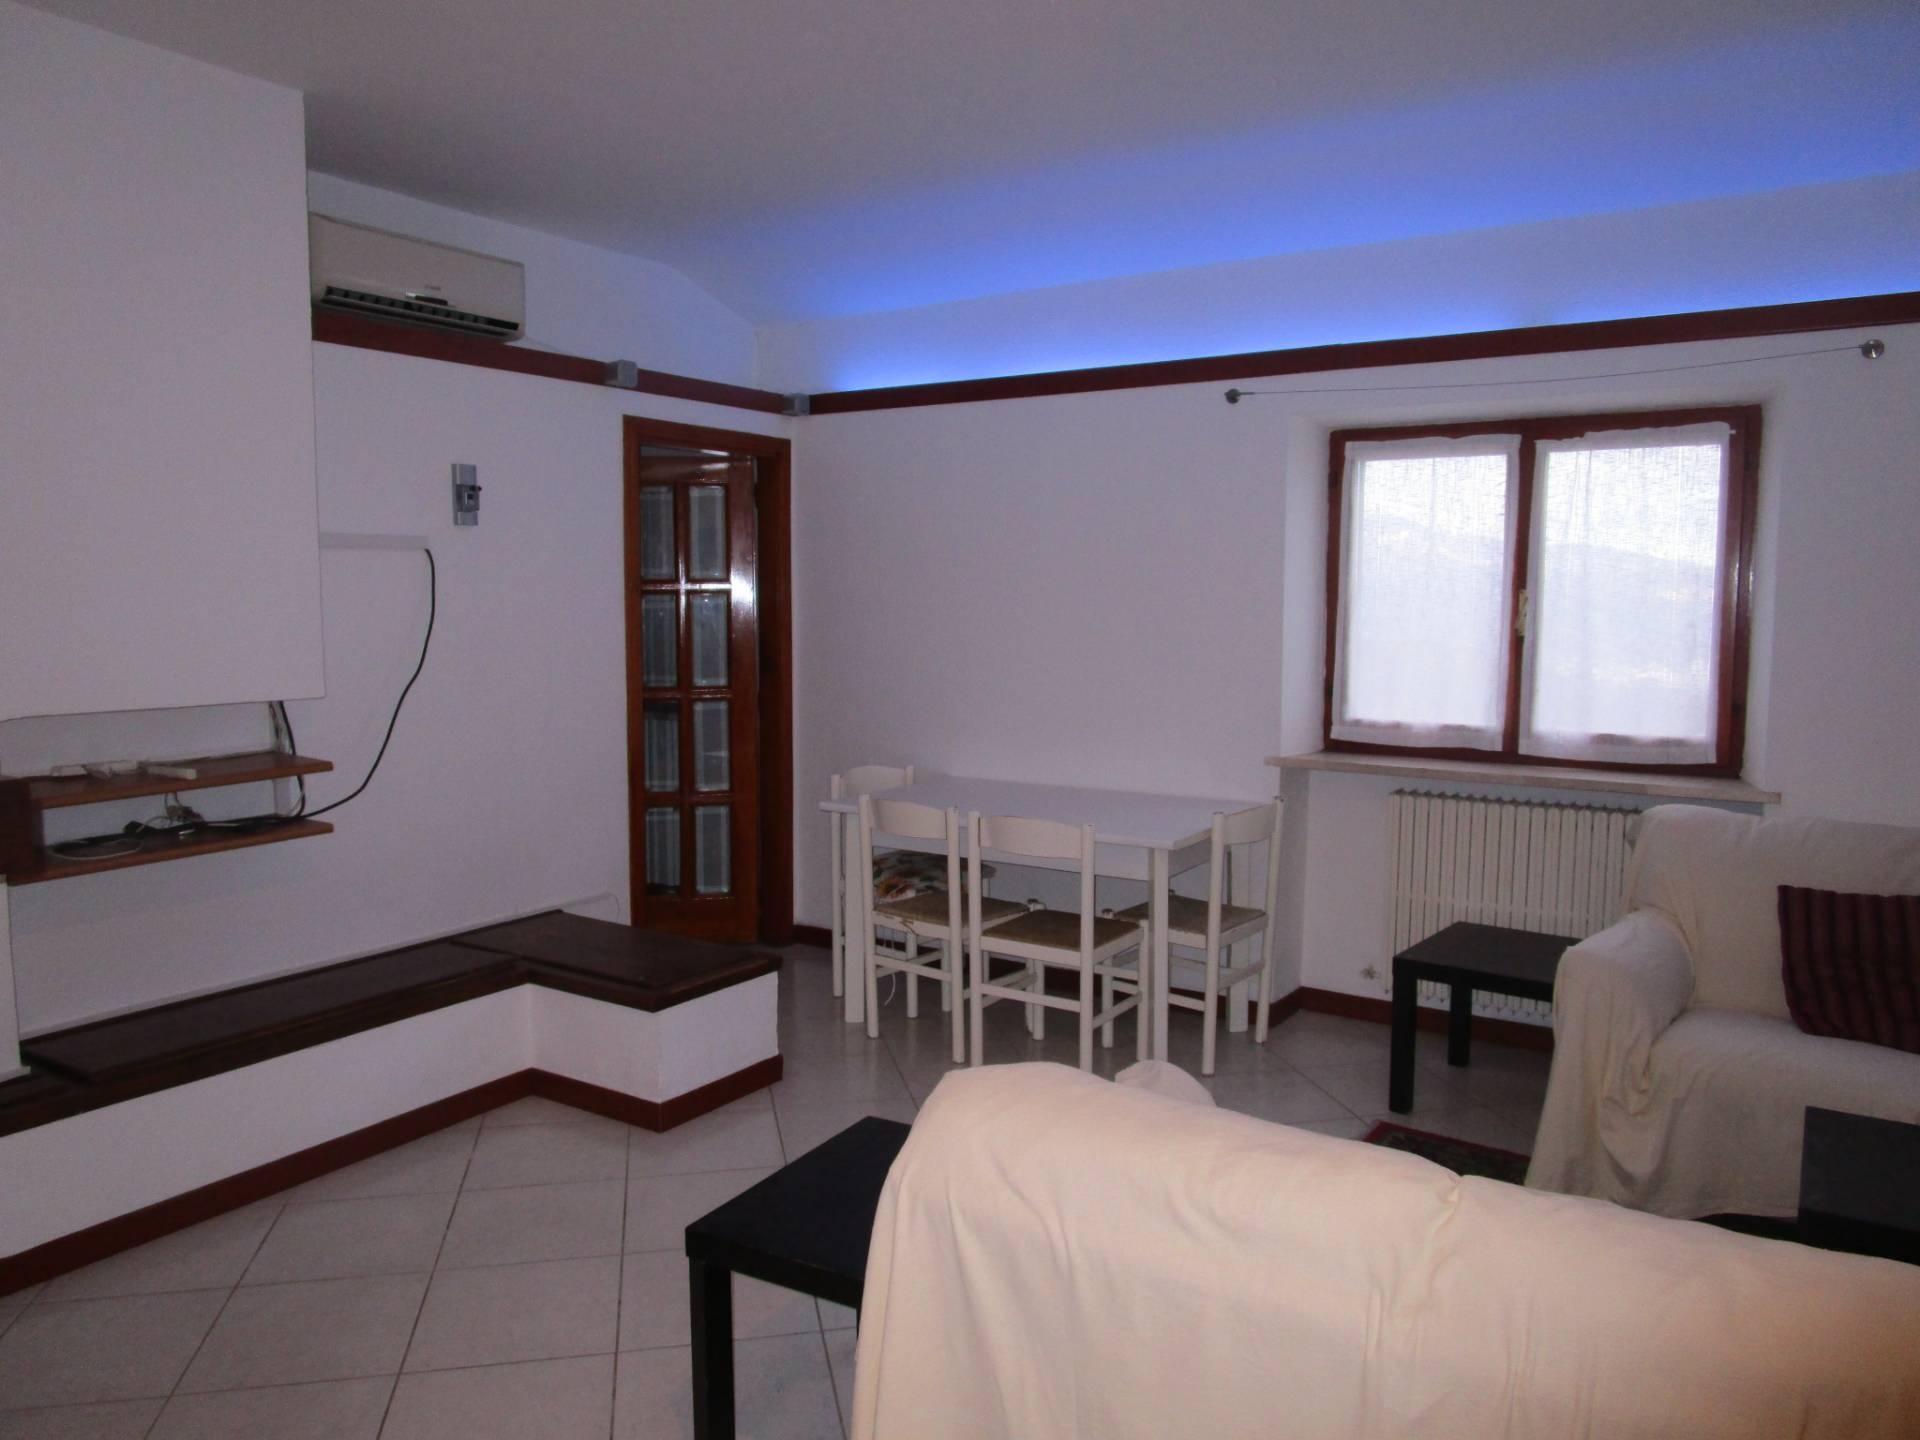 Appartamento in affitto a Folignano, 4 locali, prezzo € 400 | CambioCasa.it